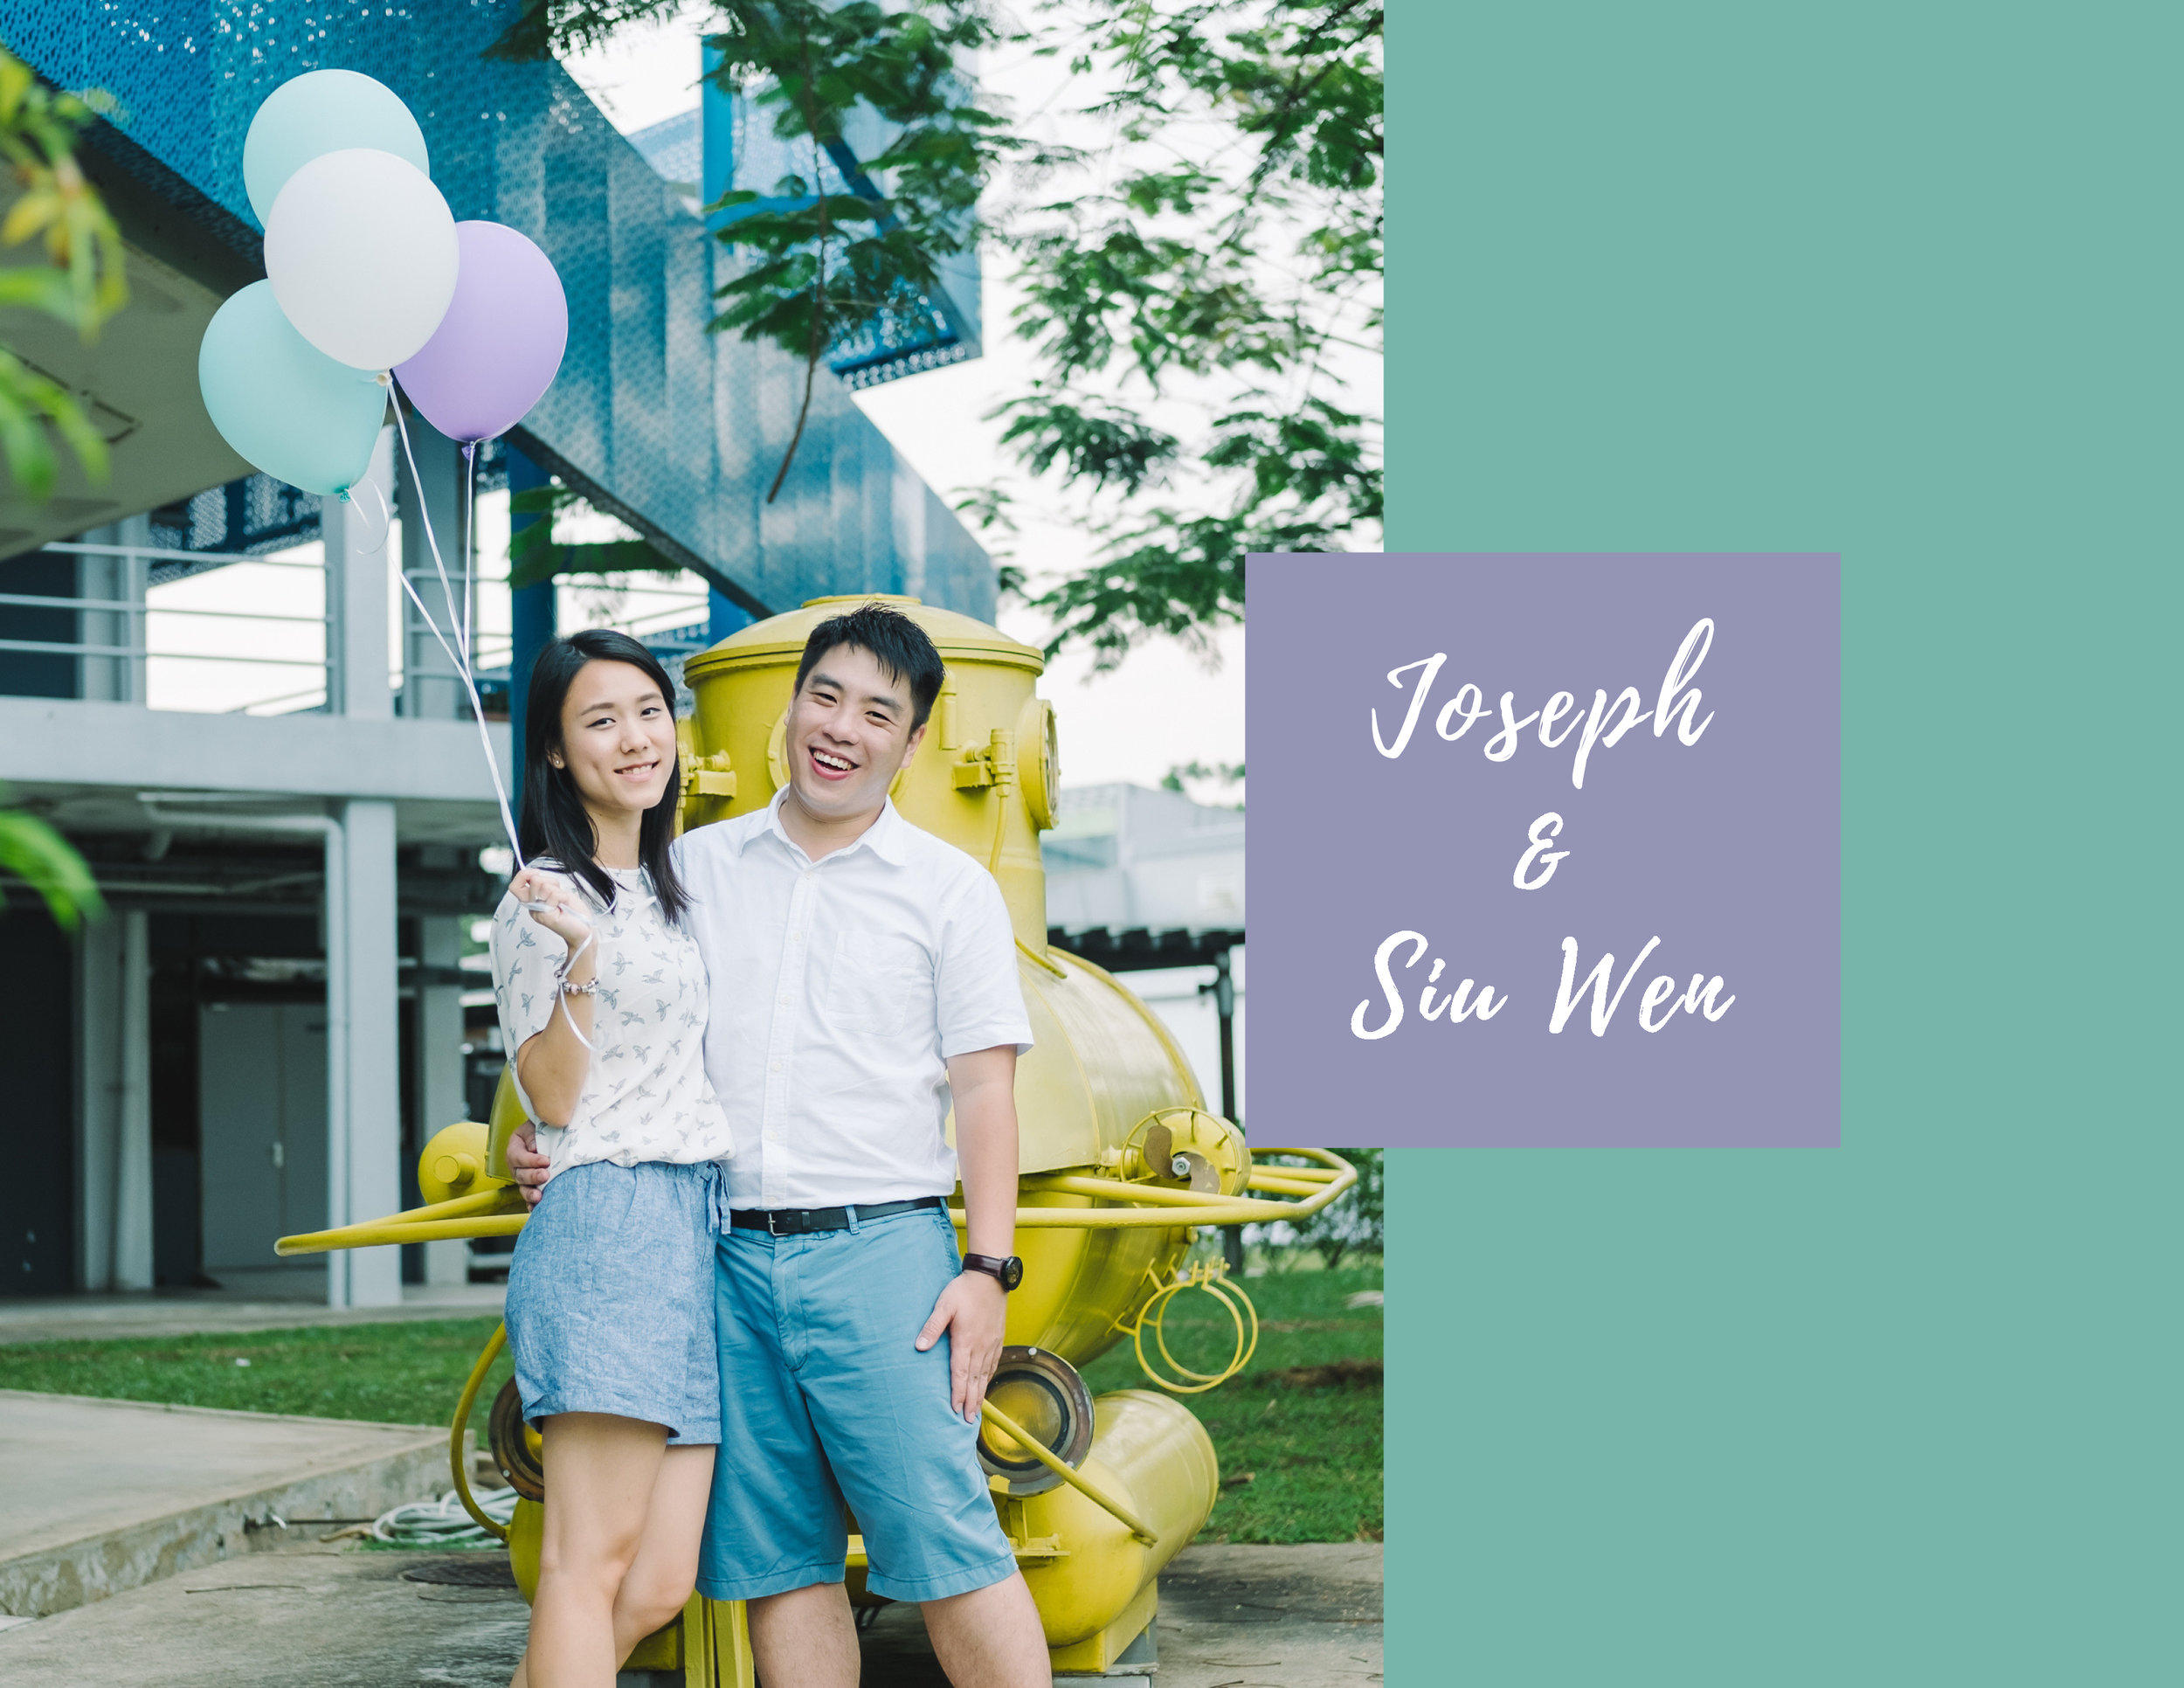 Joseph & Siu Wen_11x8.5in_1.jpg